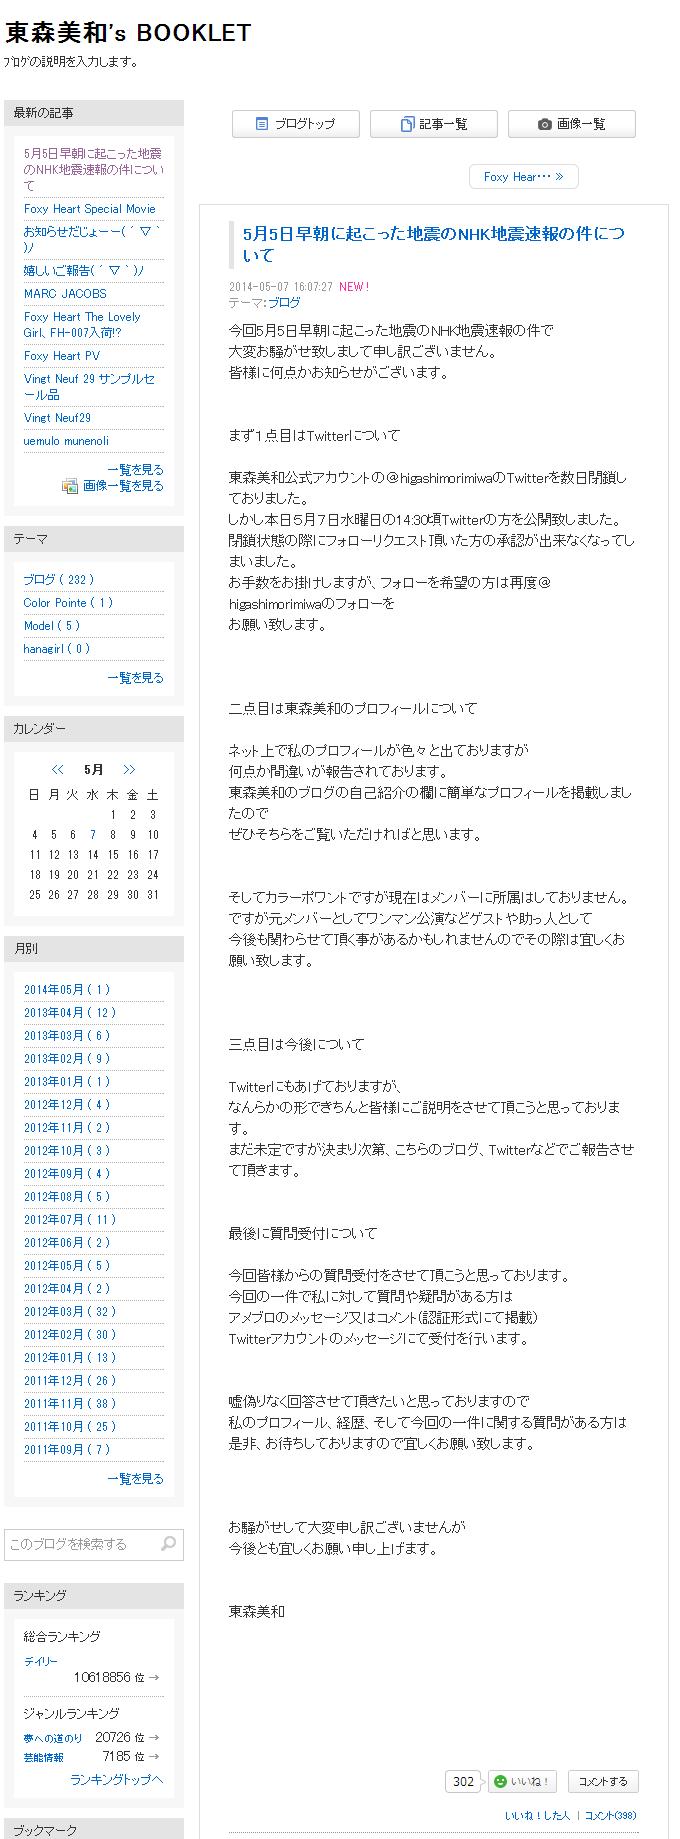 5月5日早朝に起こった地震のNHK地震速報の件についてT